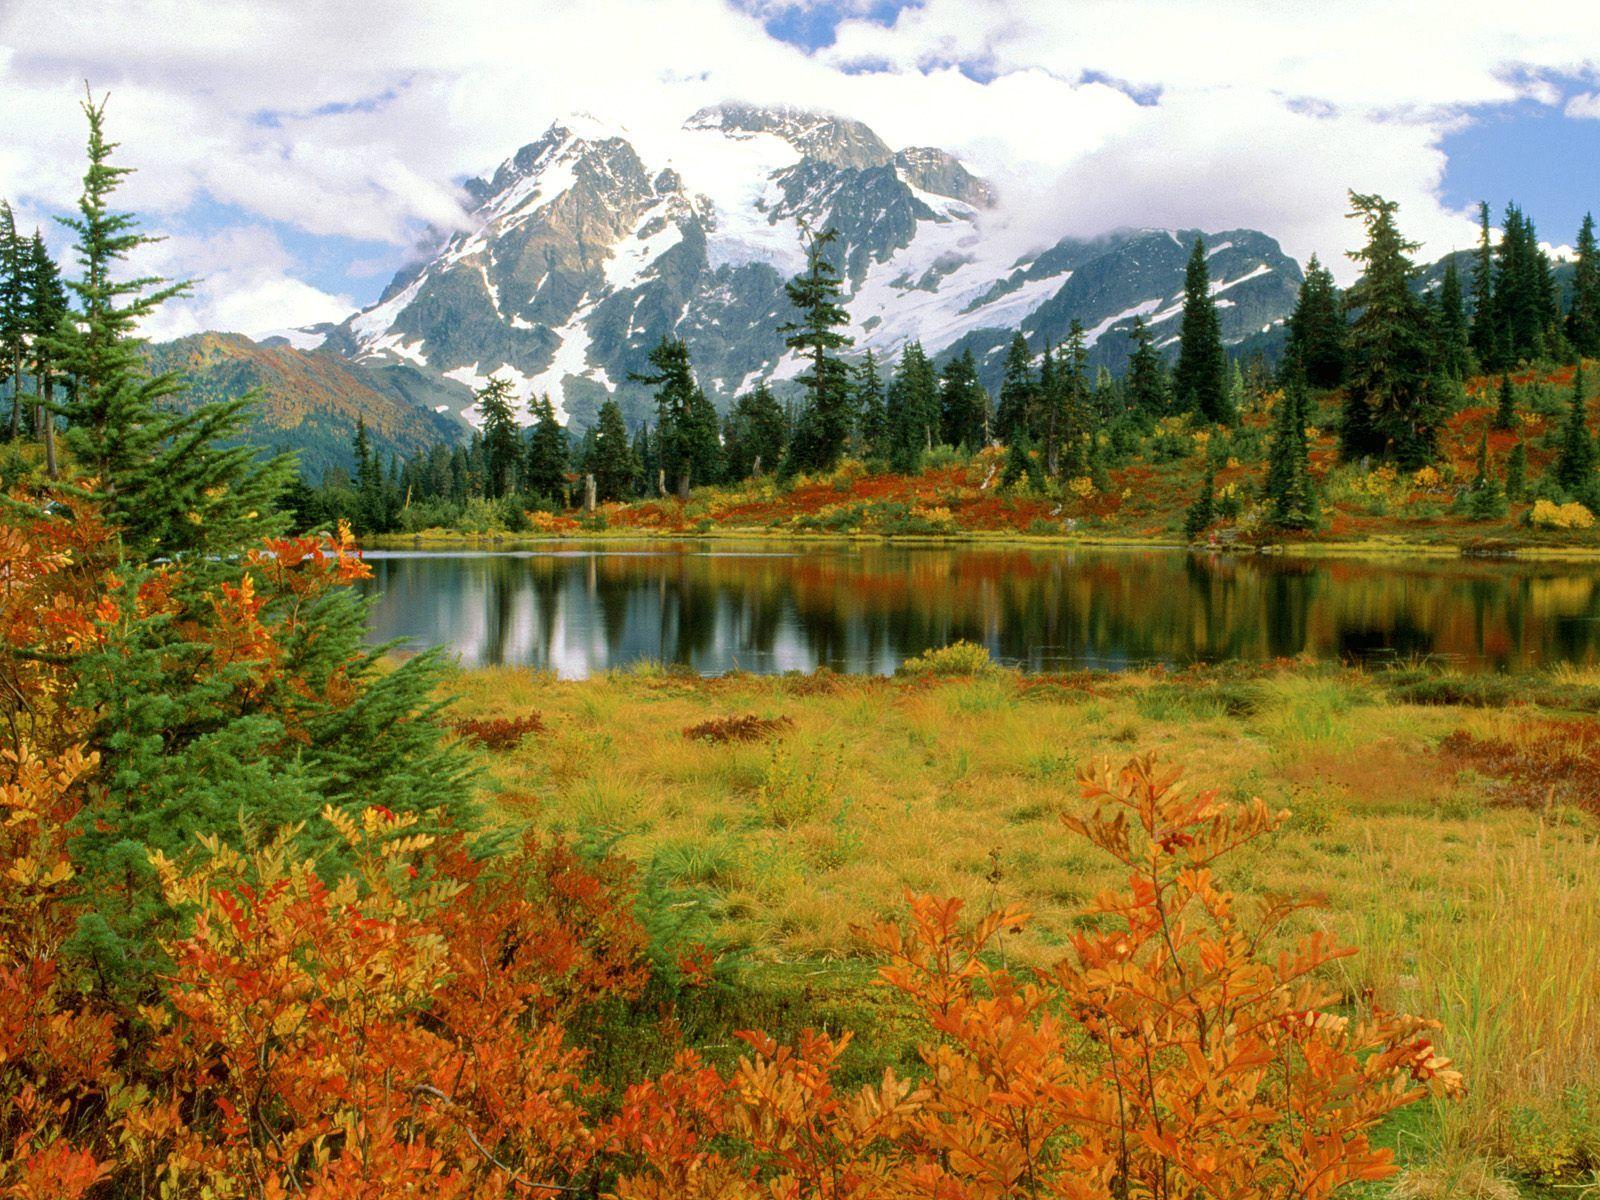 Fonds d ecran paysage d automne - Images d automne gratuites ...